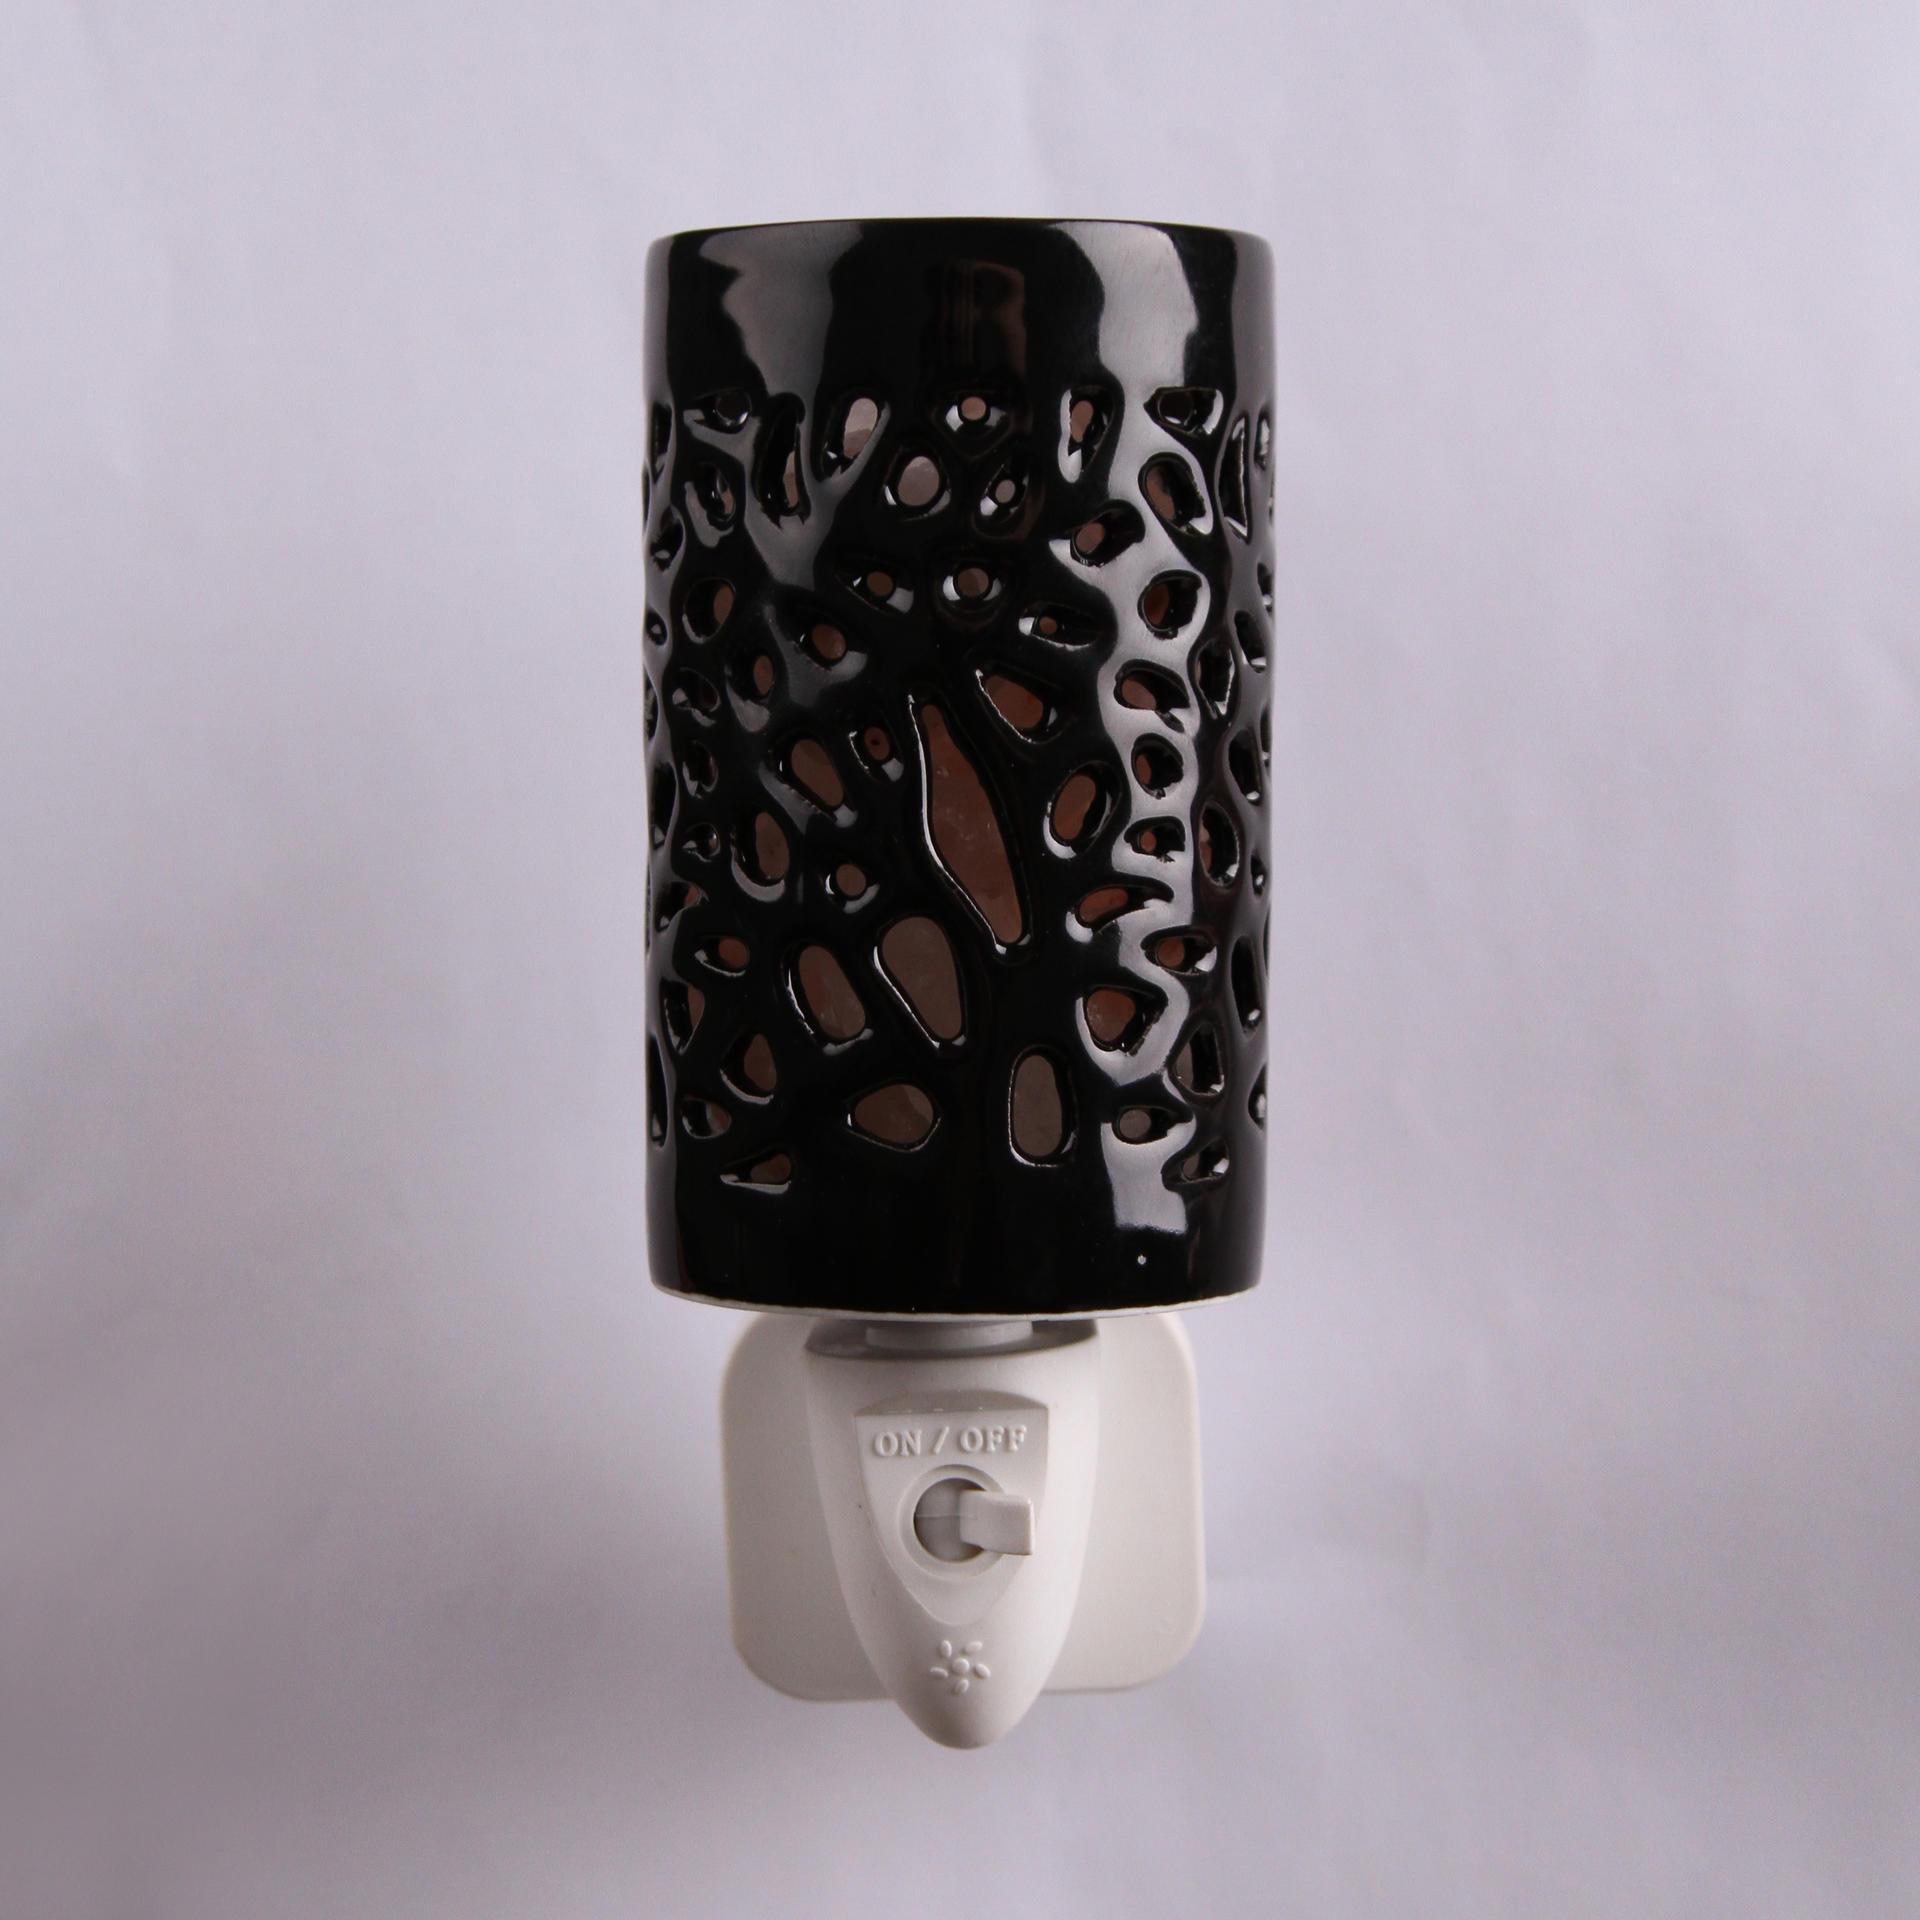 Himalayan rock Salt Lamp Ceramics hollow night light ETL CE SAA CB BS Plug in